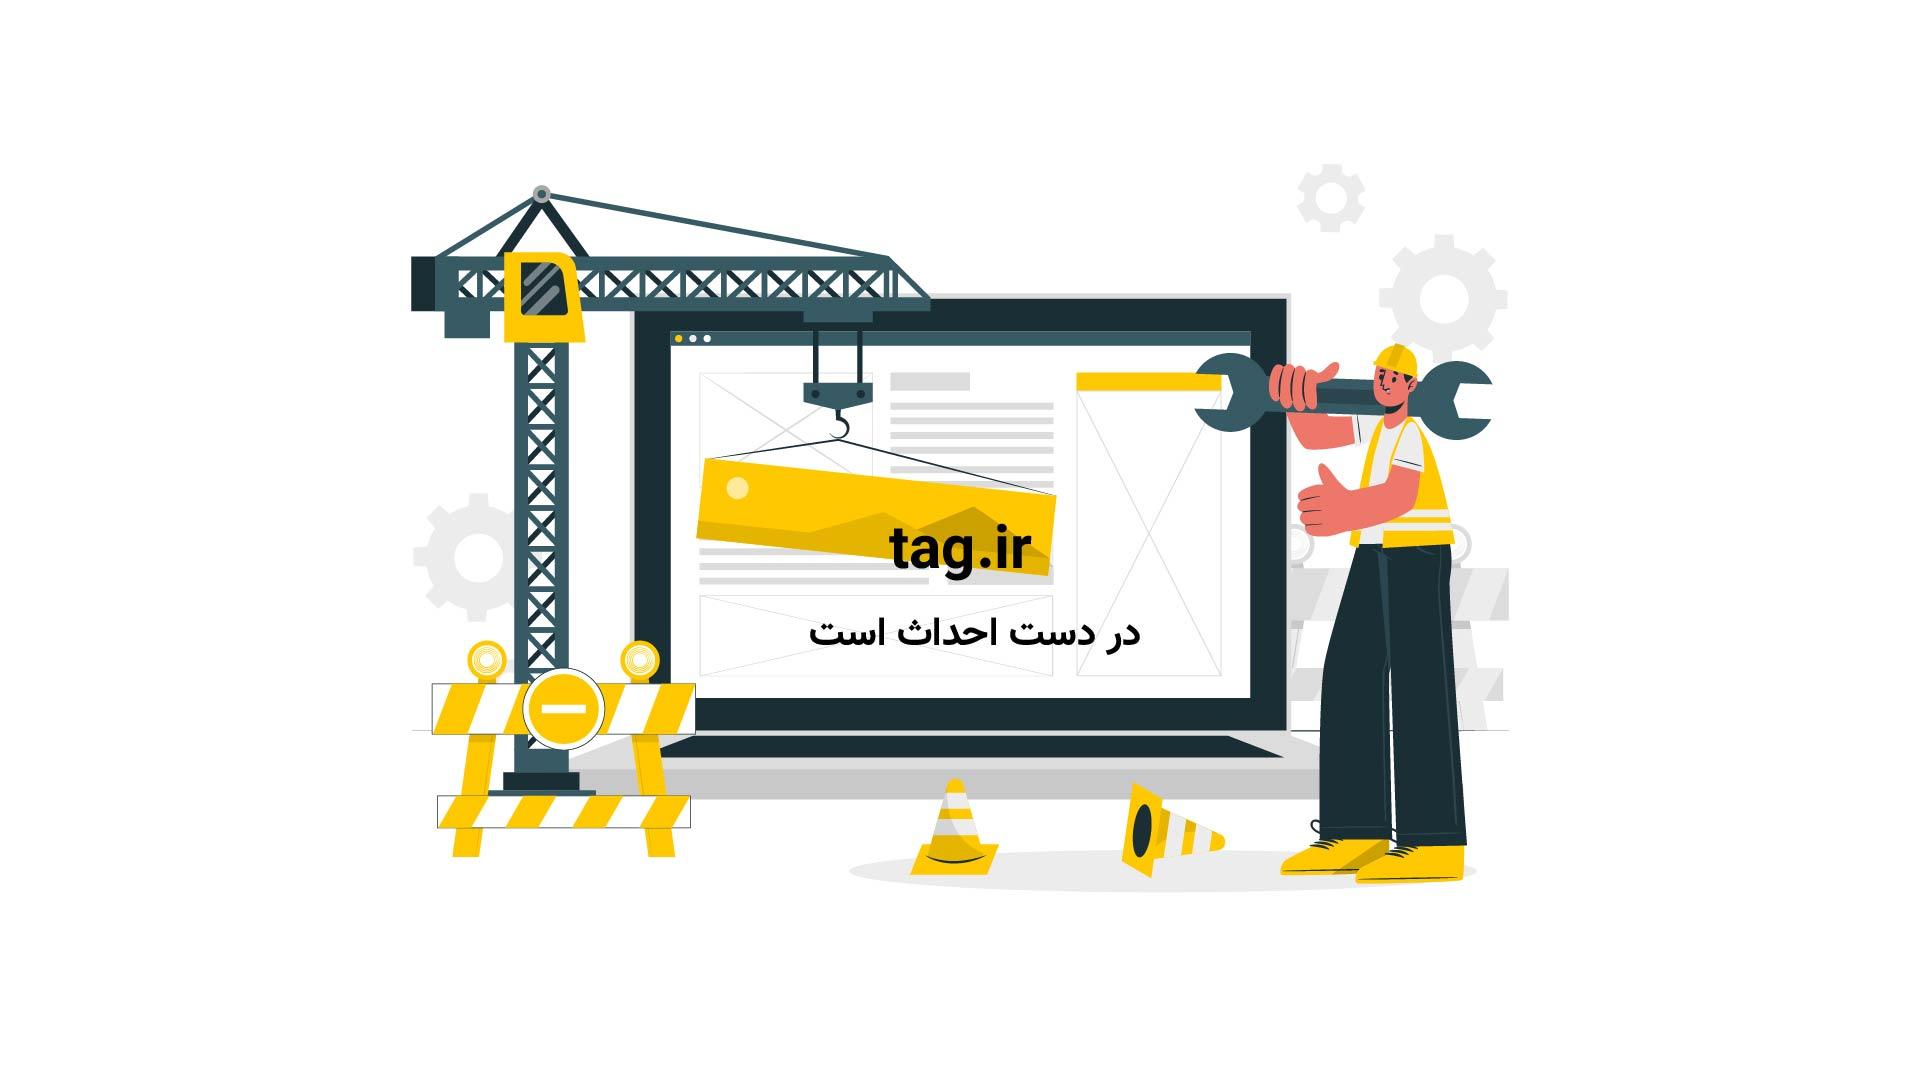 زیبایی آسمان شب | تگ